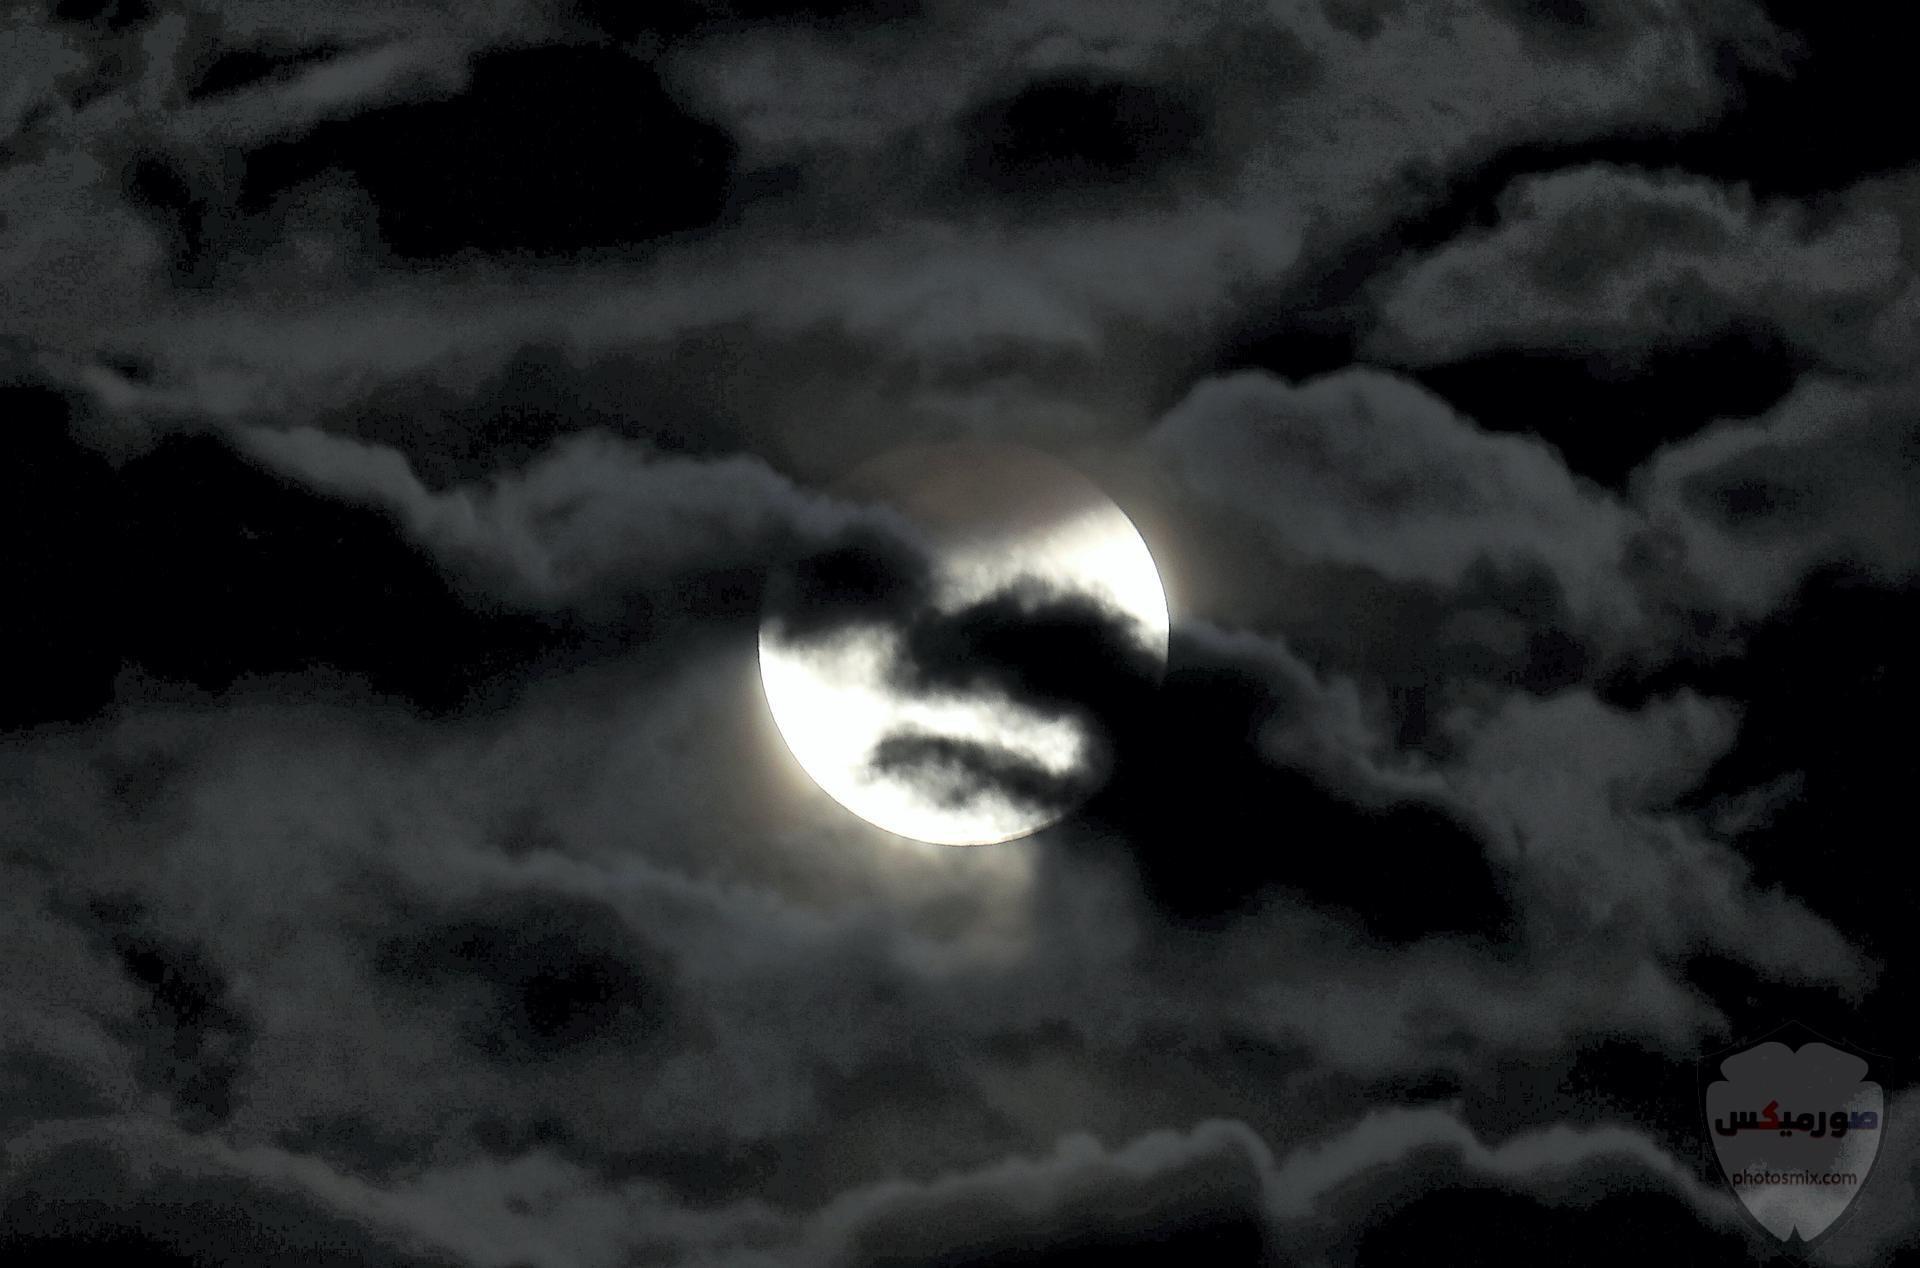 خلفيات القمر والبحر خلفيات ليل وقمر خلفيات ليليه روعه خلفيات قمر وبنت 3